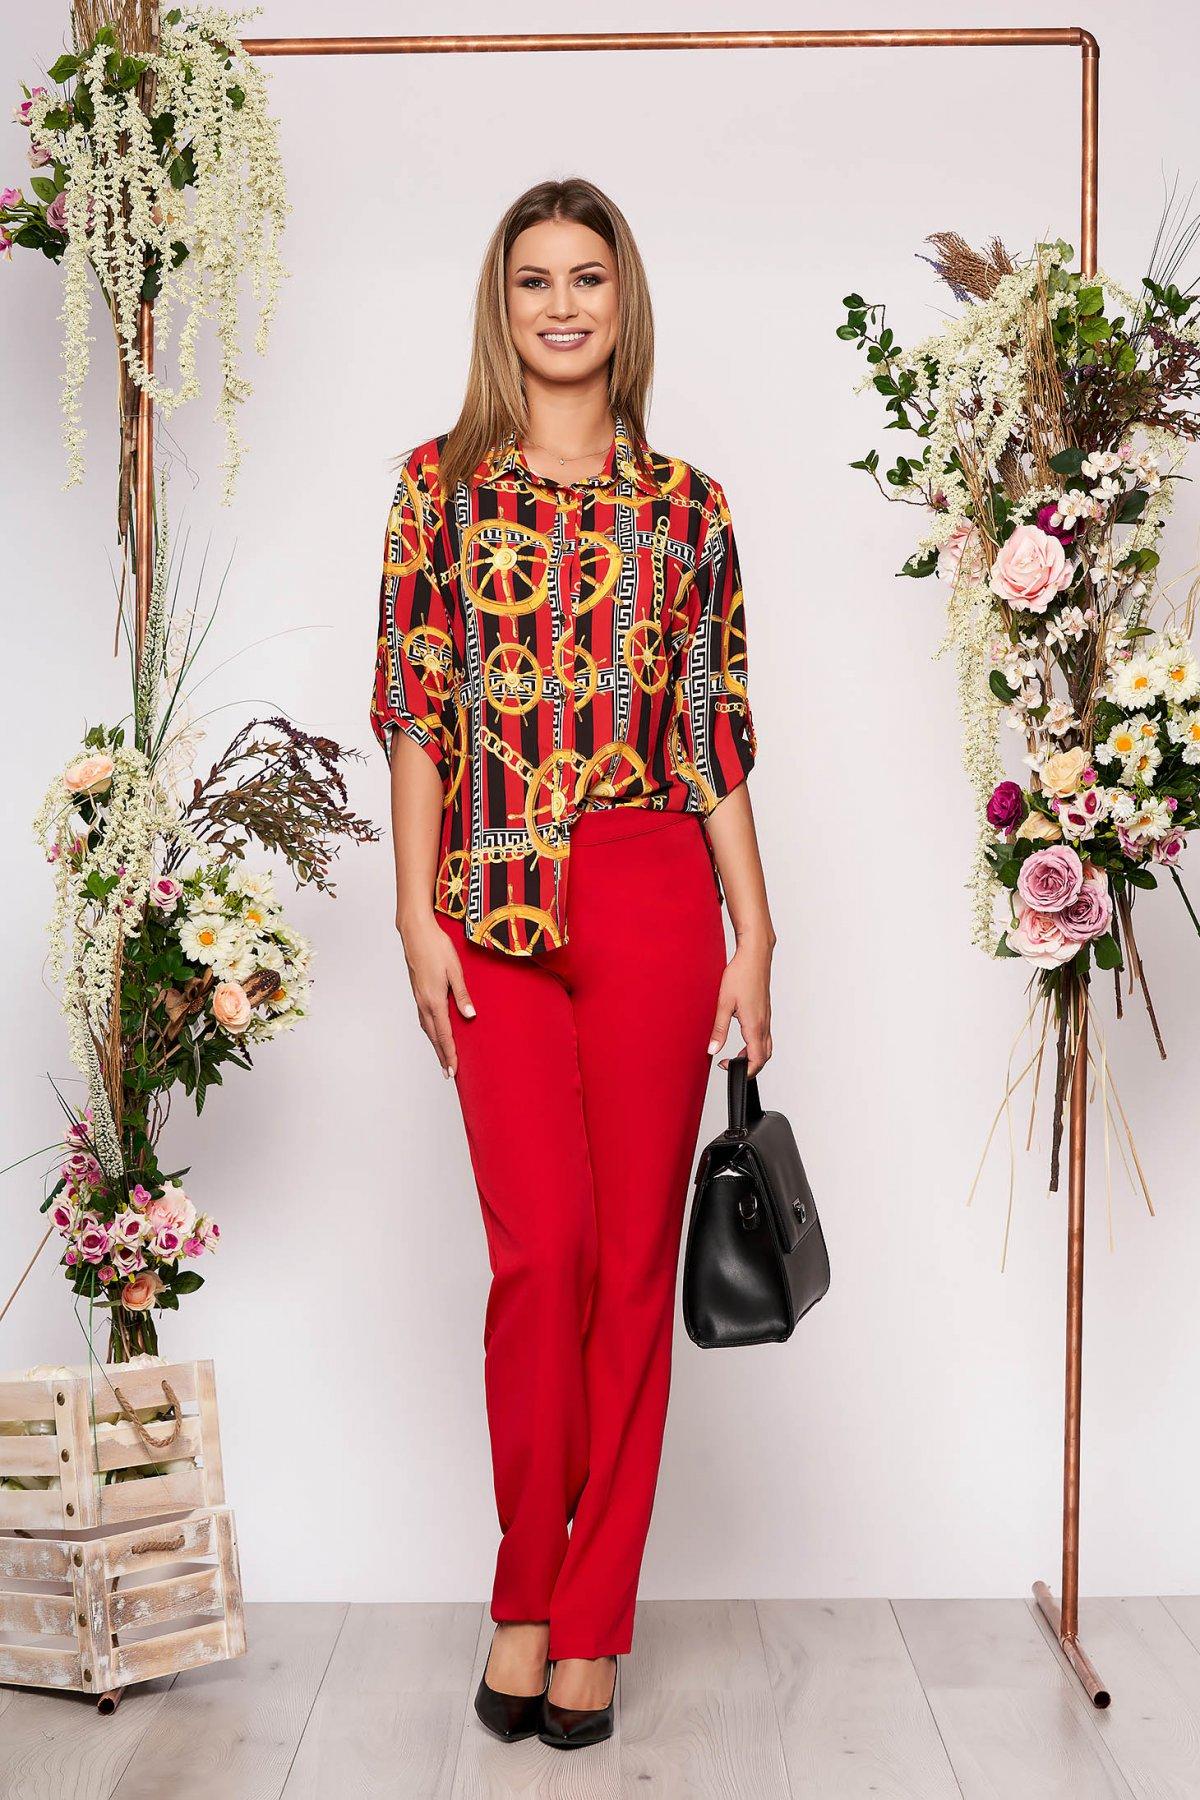 Compleu rosu elegant din 2 piese din bumbac cu pantalon si camasa cu imprimeuri grafice